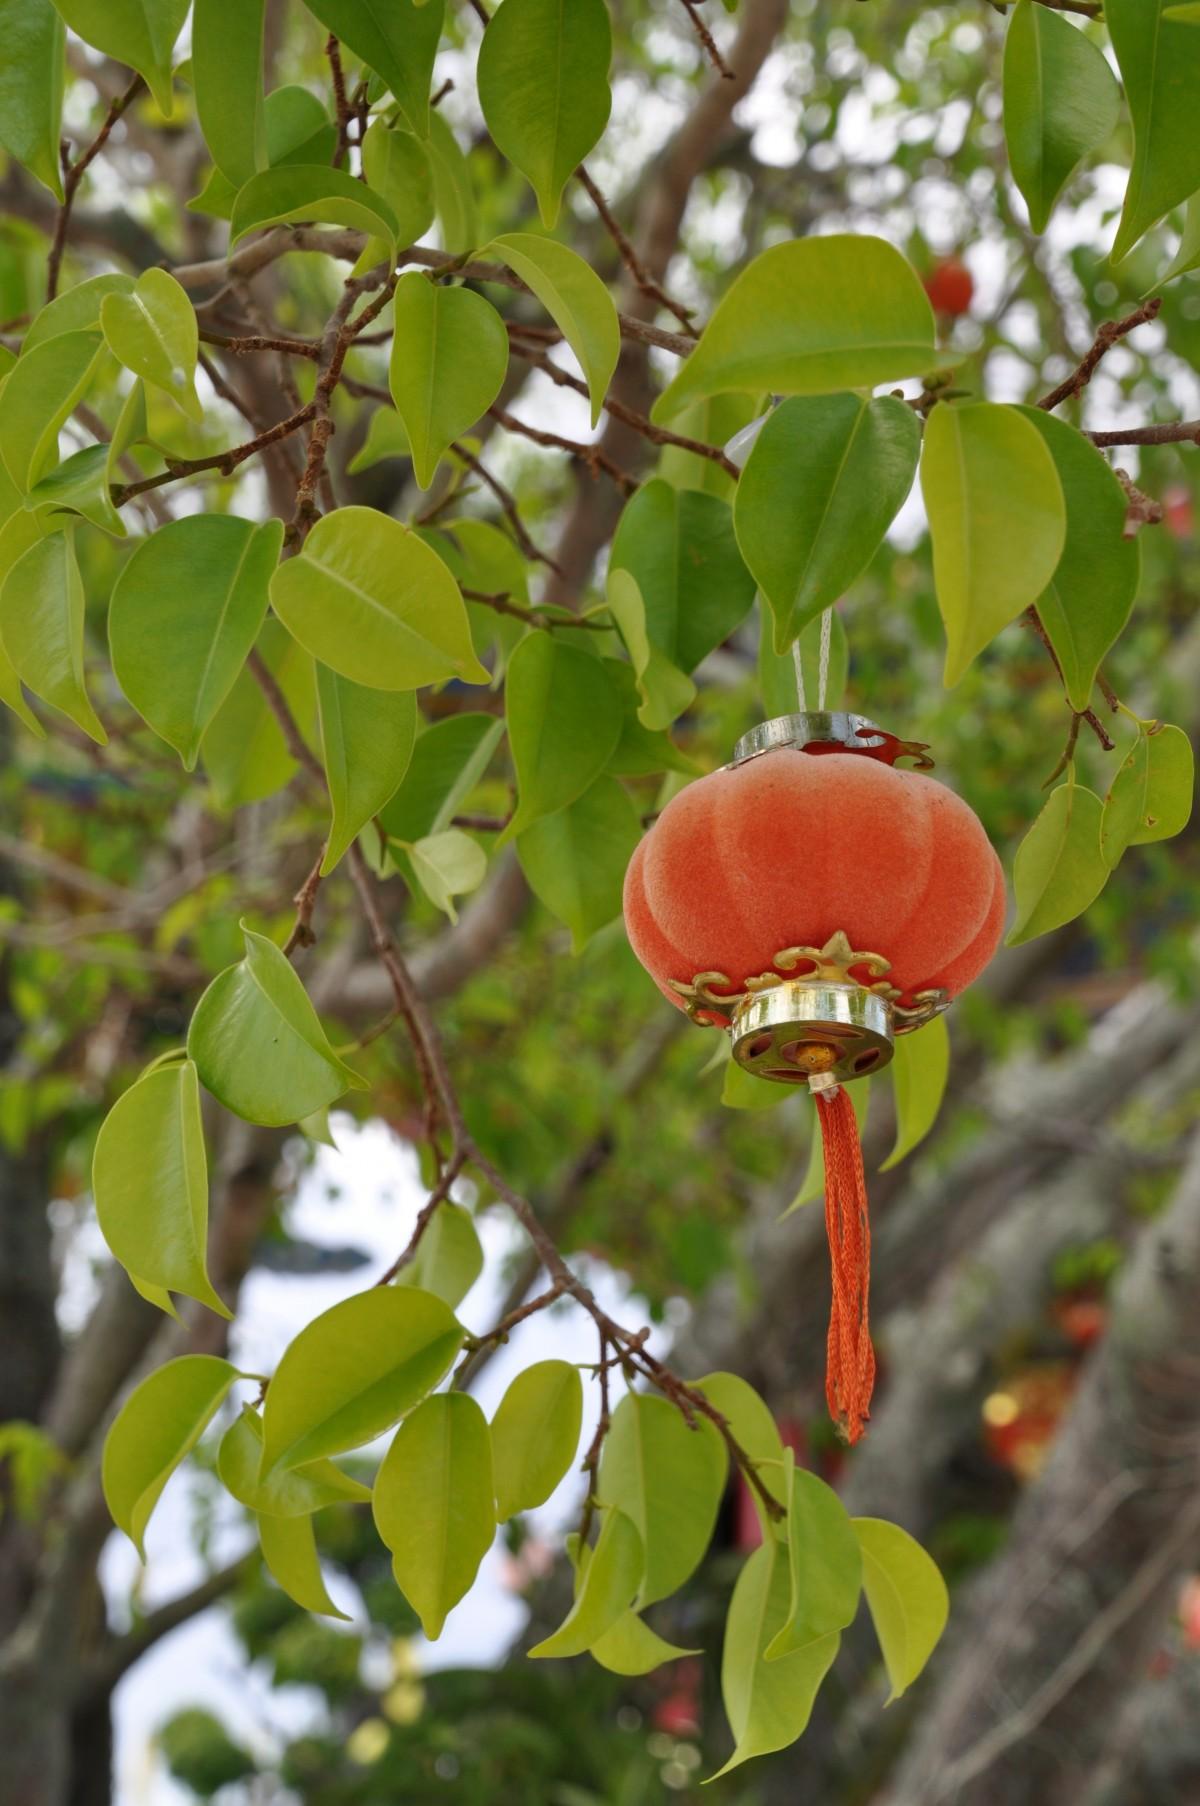 arbre branche fleur fruit feuille